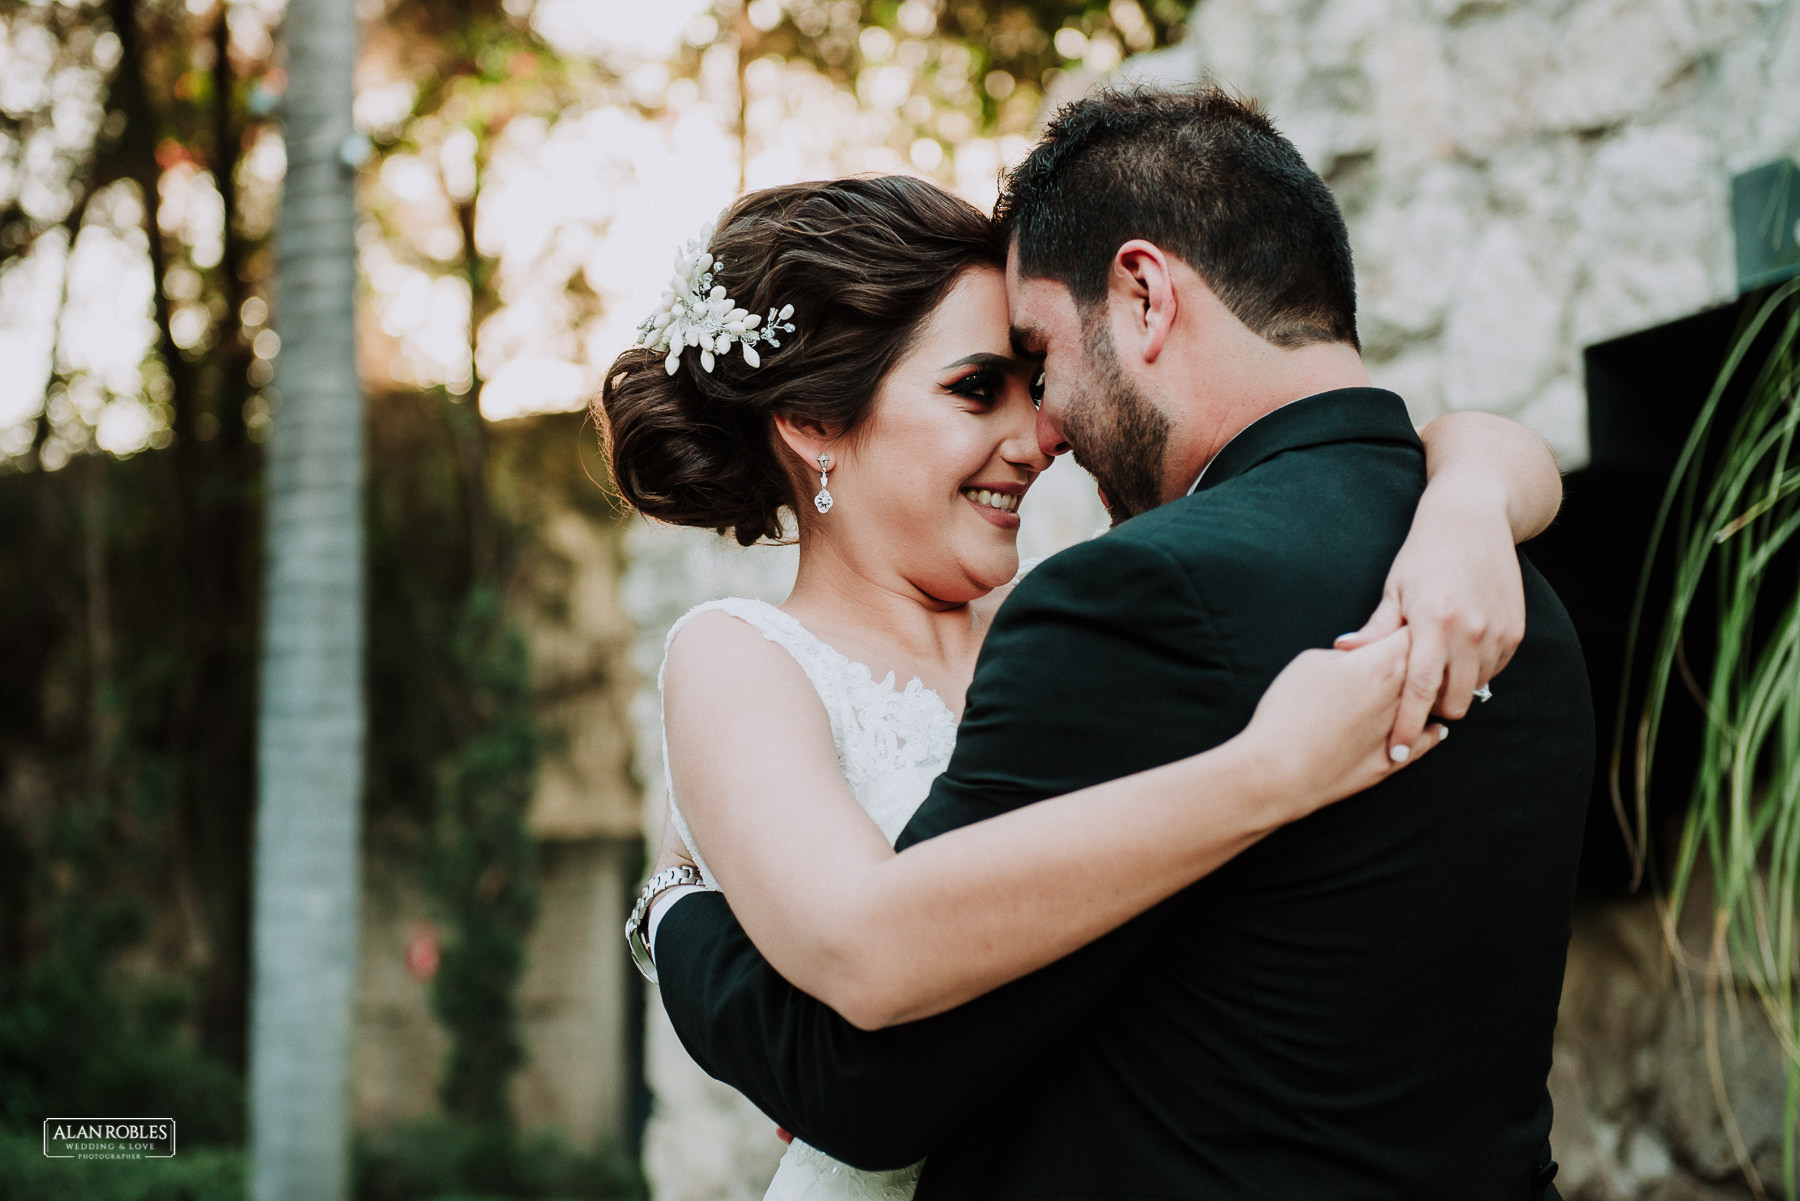 Fotografo de bodas Alan Robles-Casa Clementina Guadalajara DyA-37